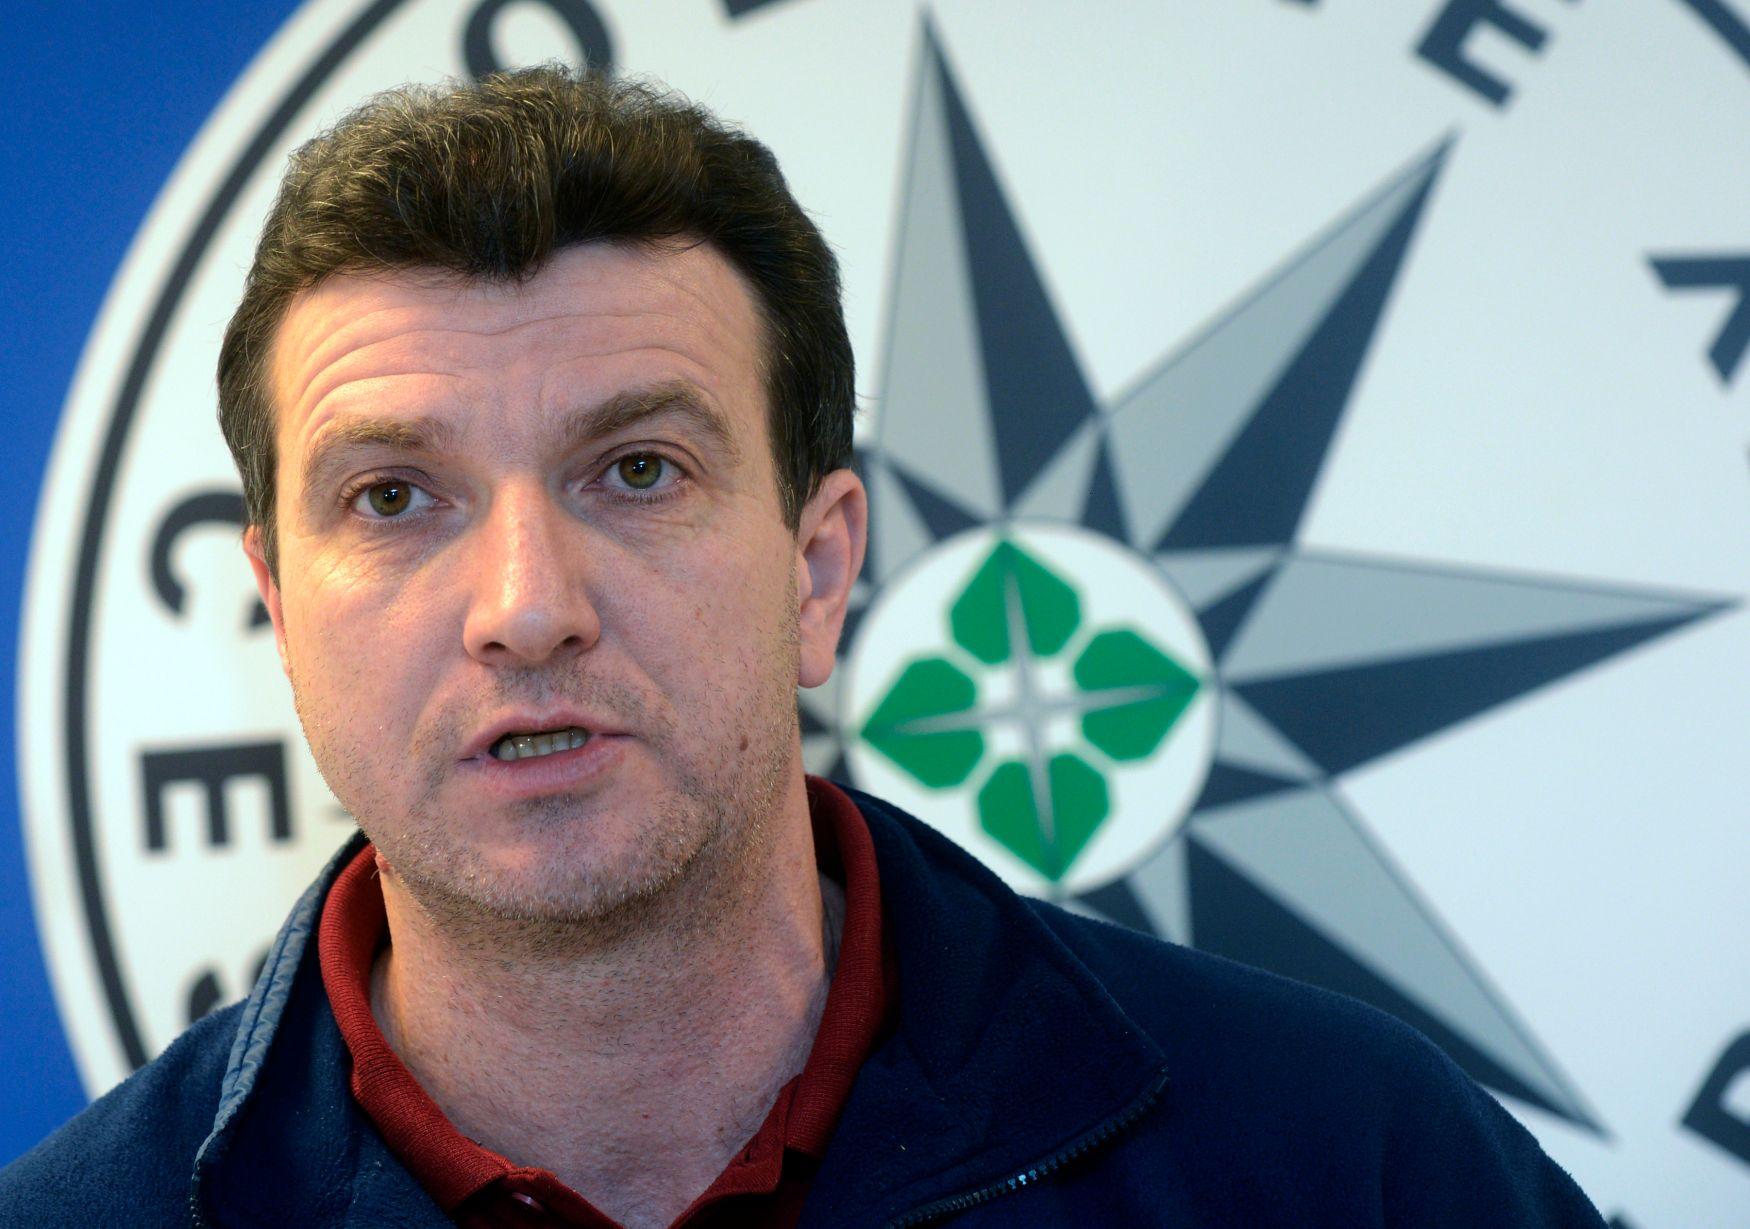 Zkušený šéf pražského oddělení vražd Josef Mareš končí ve funkci